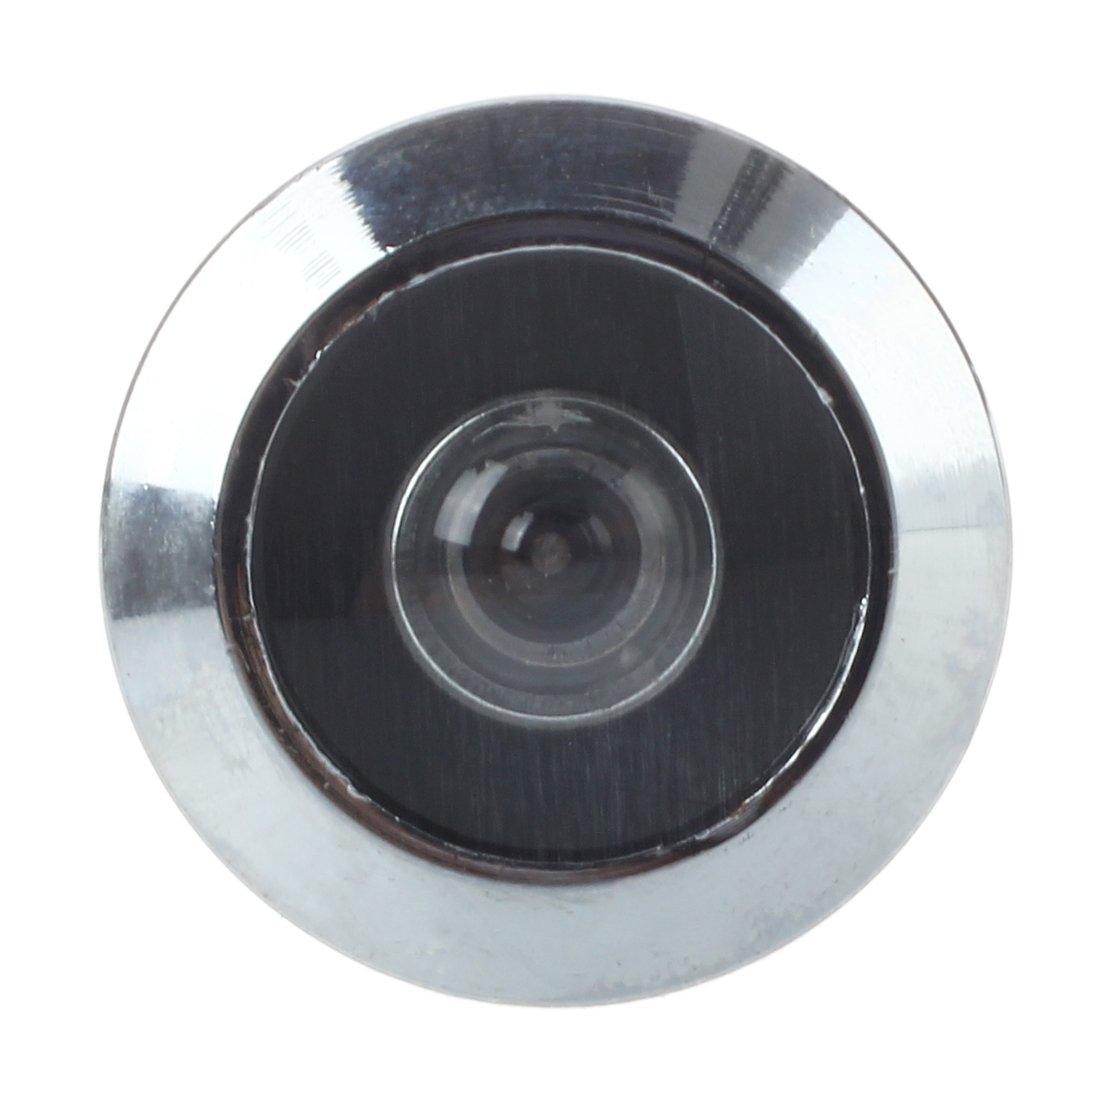 Sonline Metal 200 Grado Espectador Mirilla de Puerta Color Plateado para Casa: Amazon.es: Electrónica